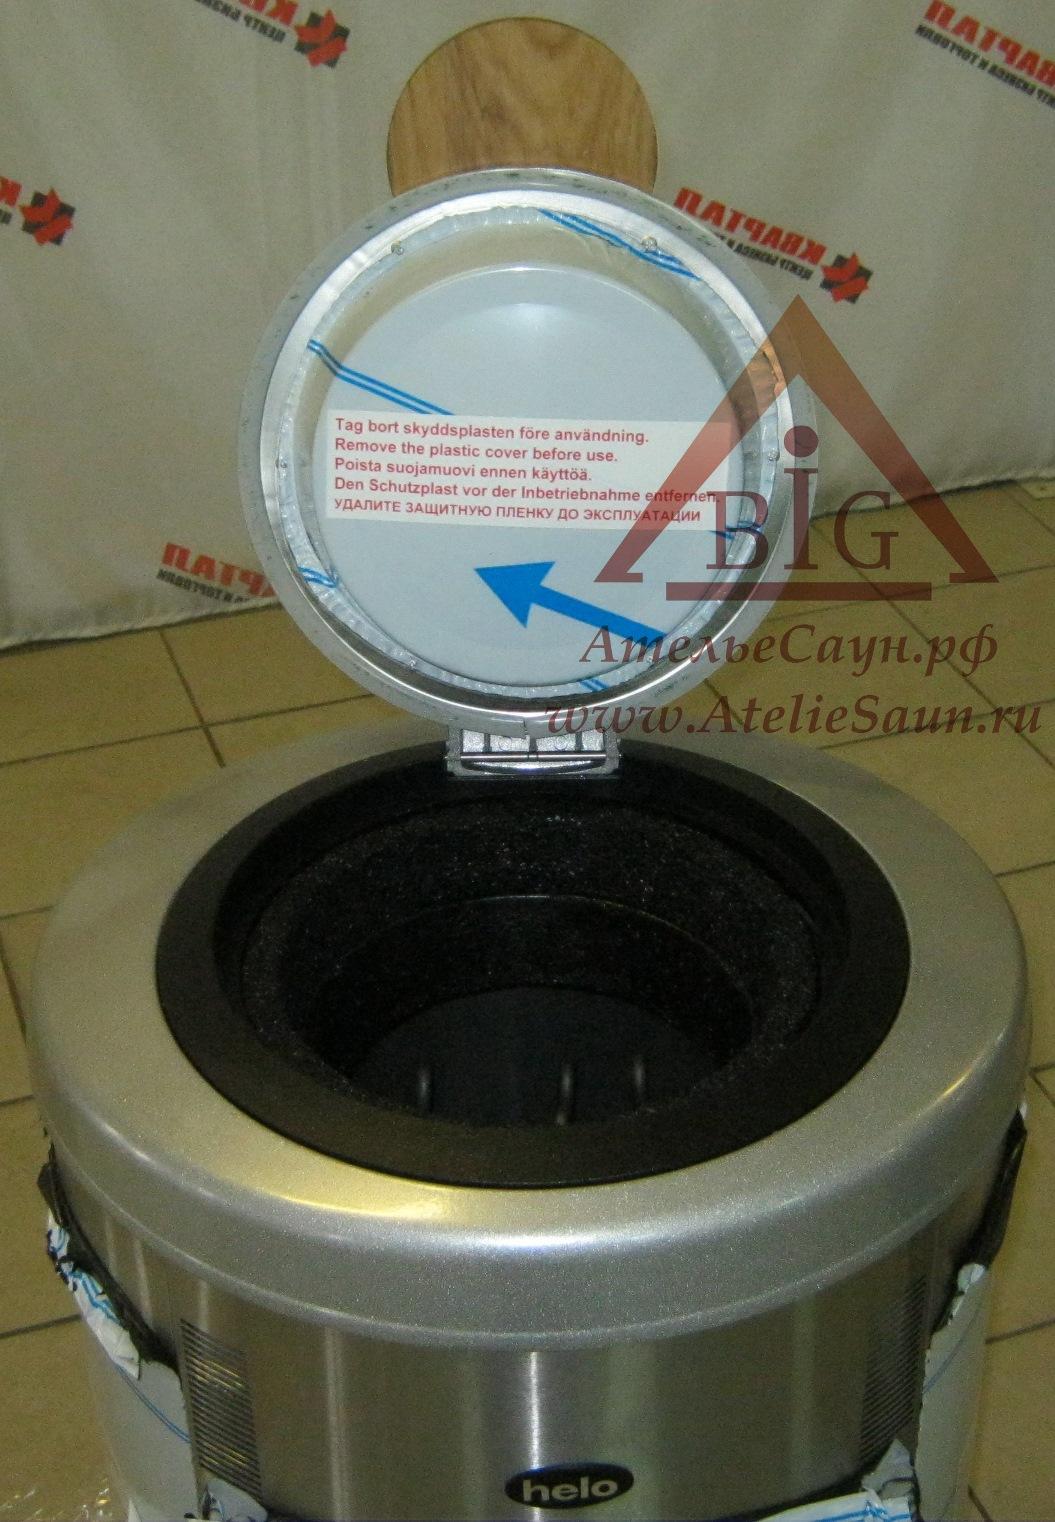 Печь-термос для сауны Helo Rondo 450 (матовая нерж. сталь, с пультом в комплекте)